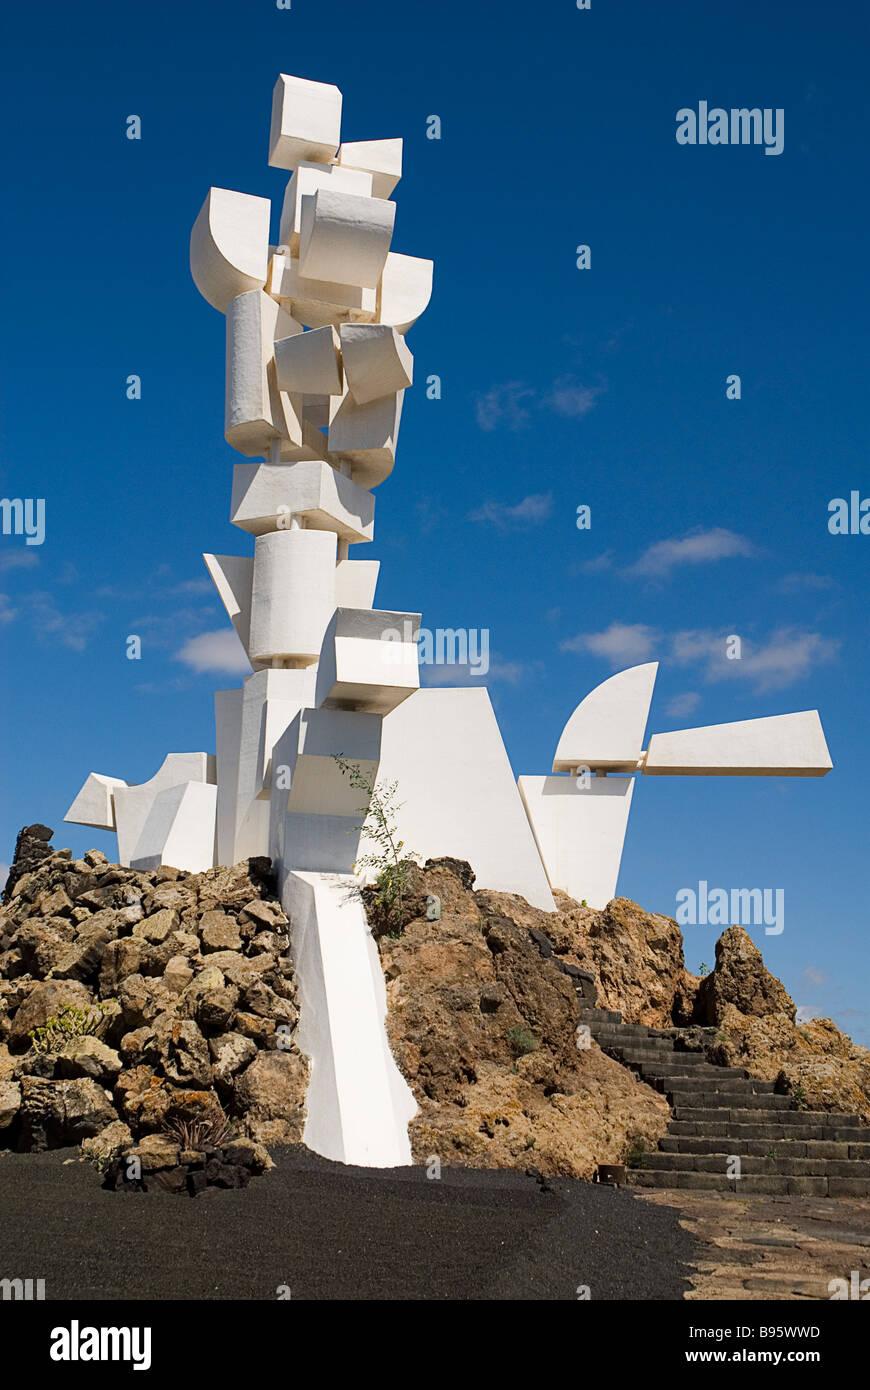 Spagna Isole Canarie Lanzarote, Monumento a La Campesino, il Monumento al contadino. Immagini Stock